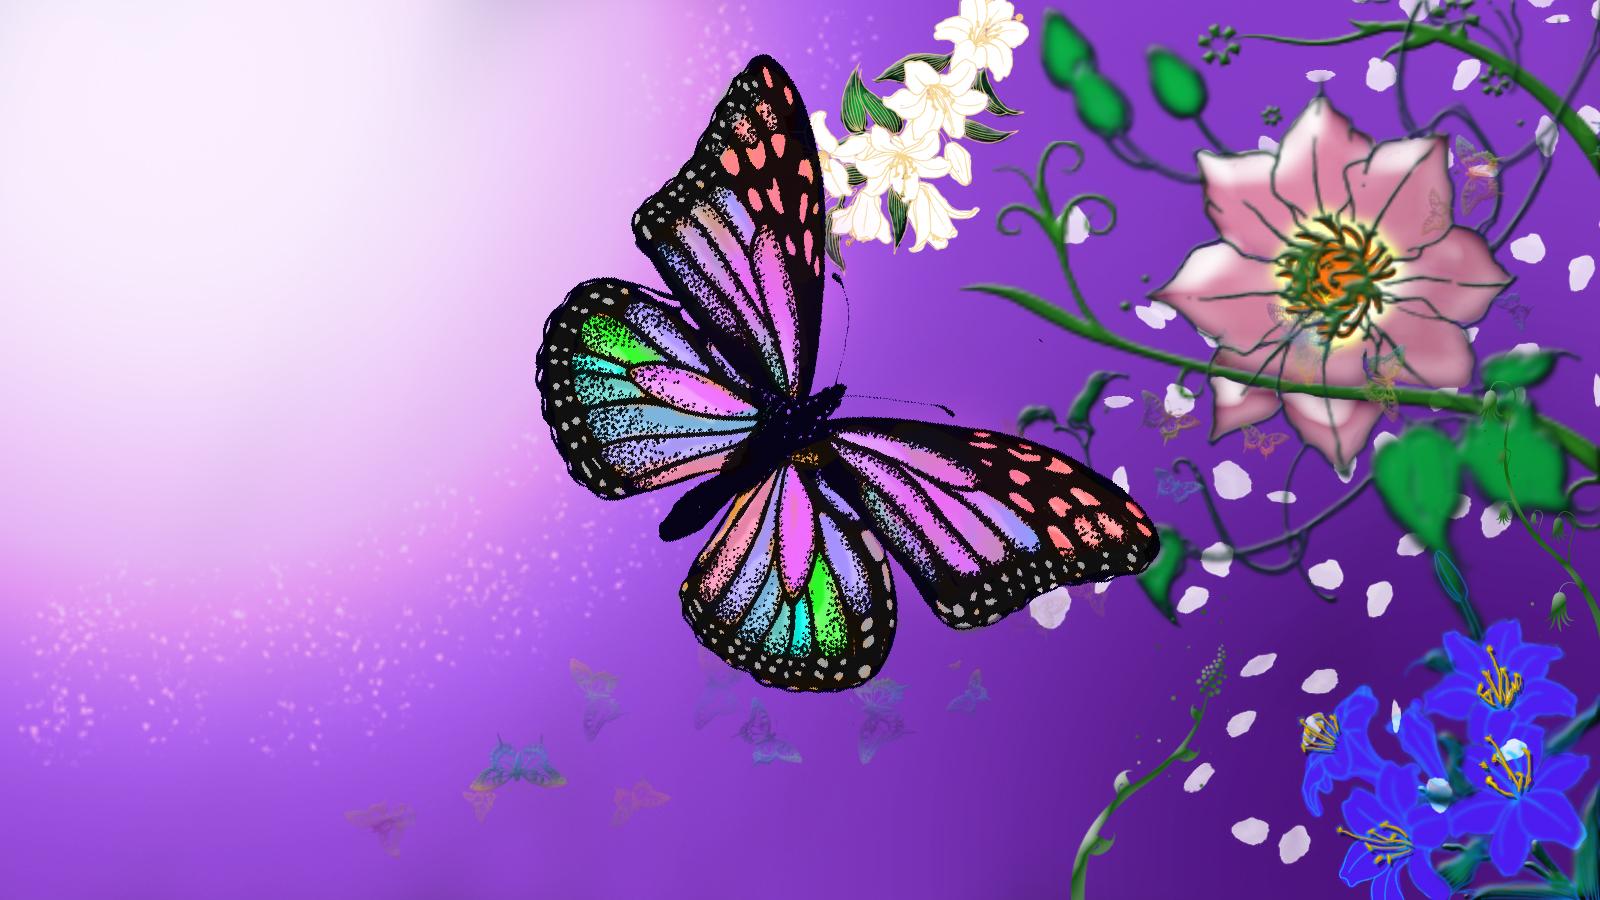 Of Flowers and Butterflies wallpaper - ForWallpaper.com